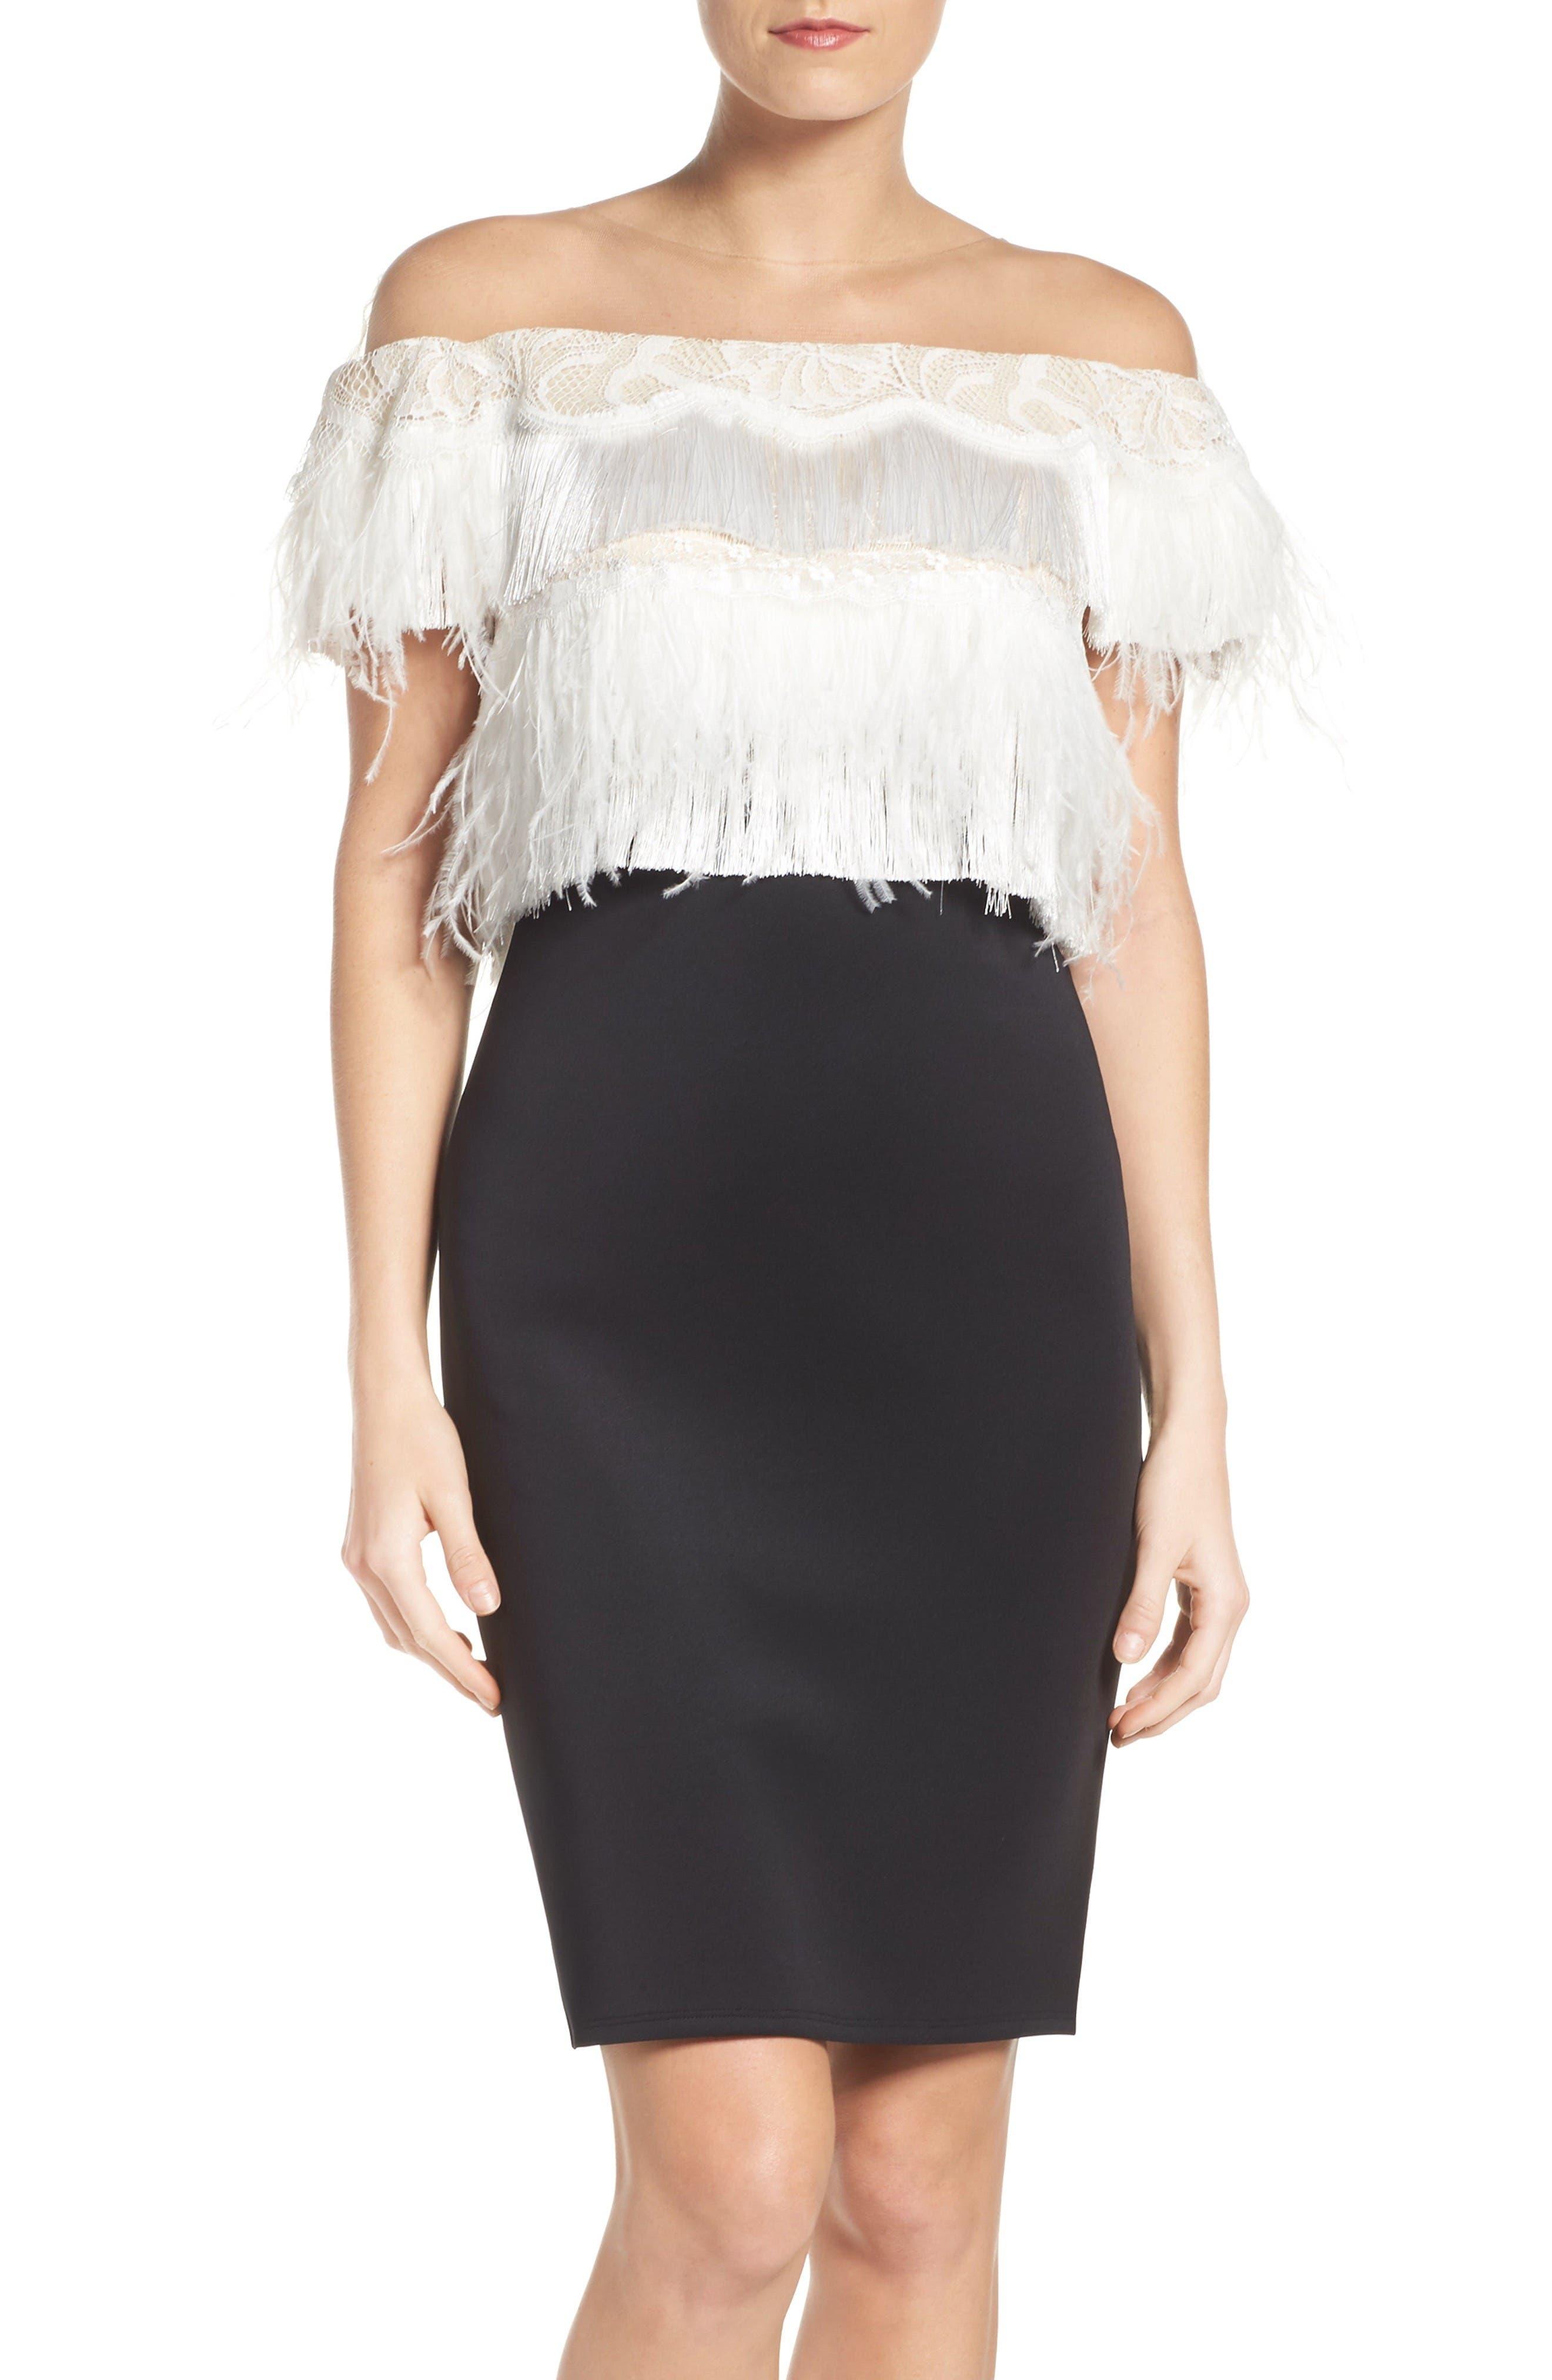 Off the Shoulder Sheath Dress,                         Main,                         color, Black/ Ivory